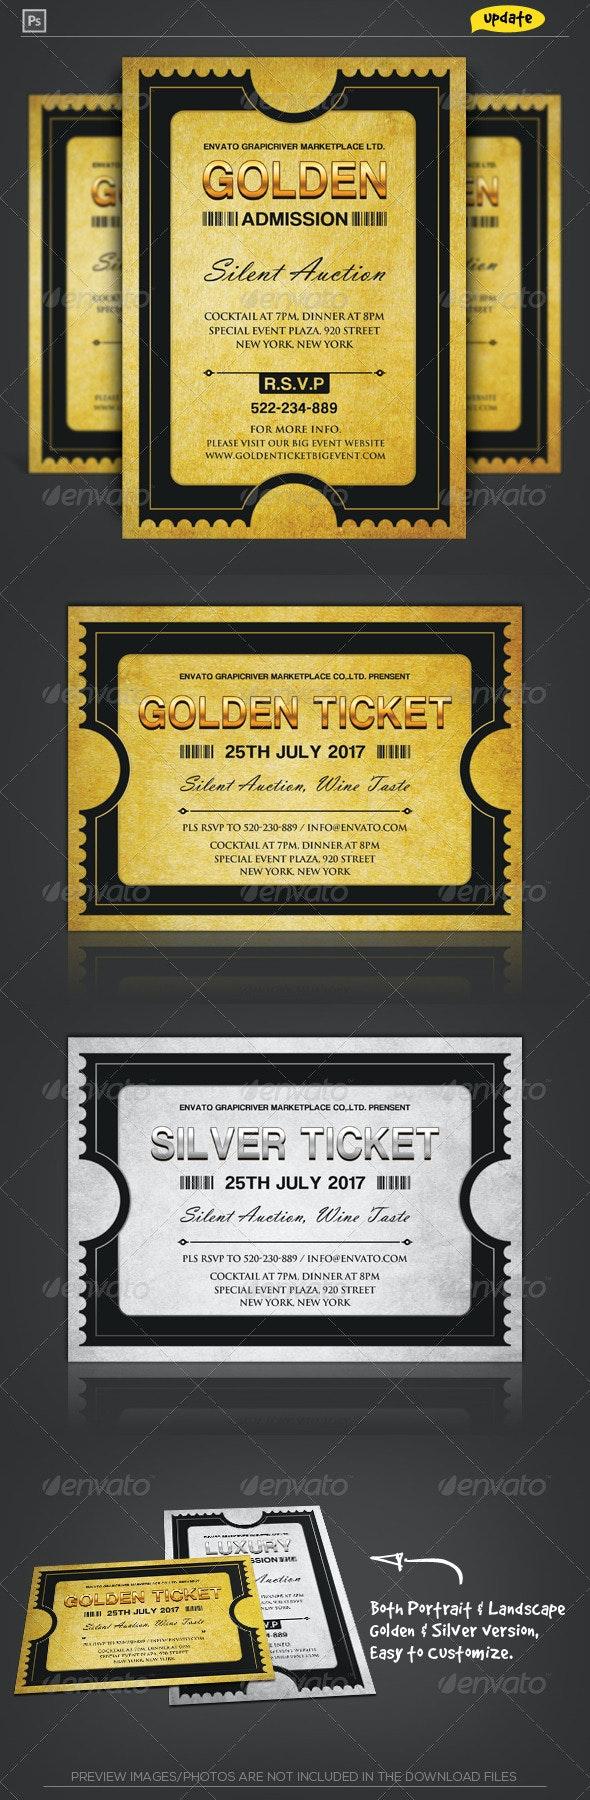 Golden Silver Ticket Corporate Invitation I - Invitations Cards & Invites